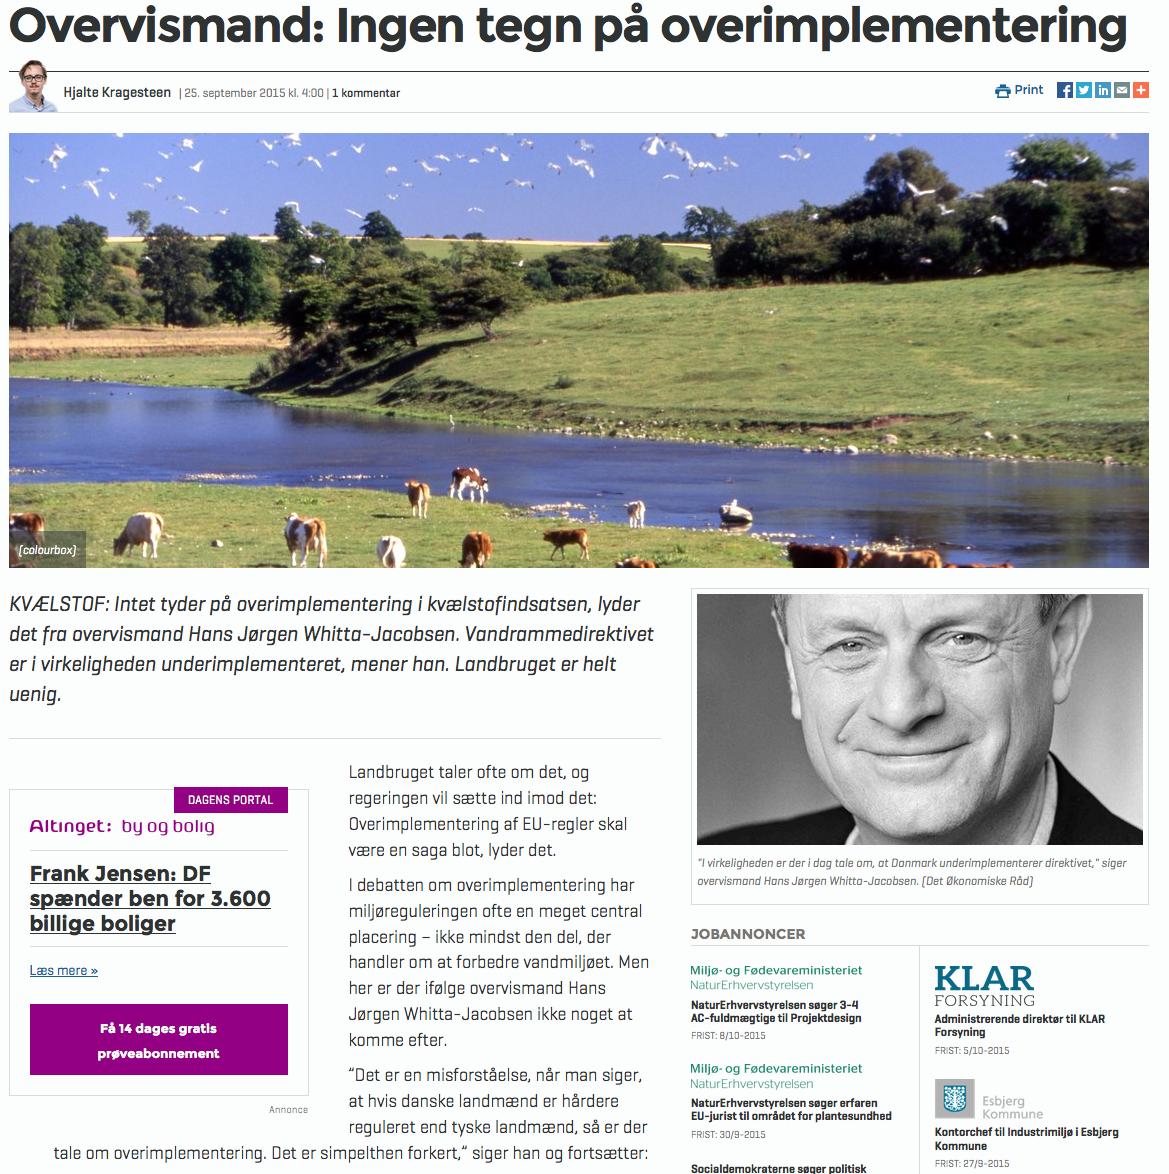 efebc2213b6 Overvismand: Ingen tegn på overimplementering | NATURBESKYTTELSE.DK